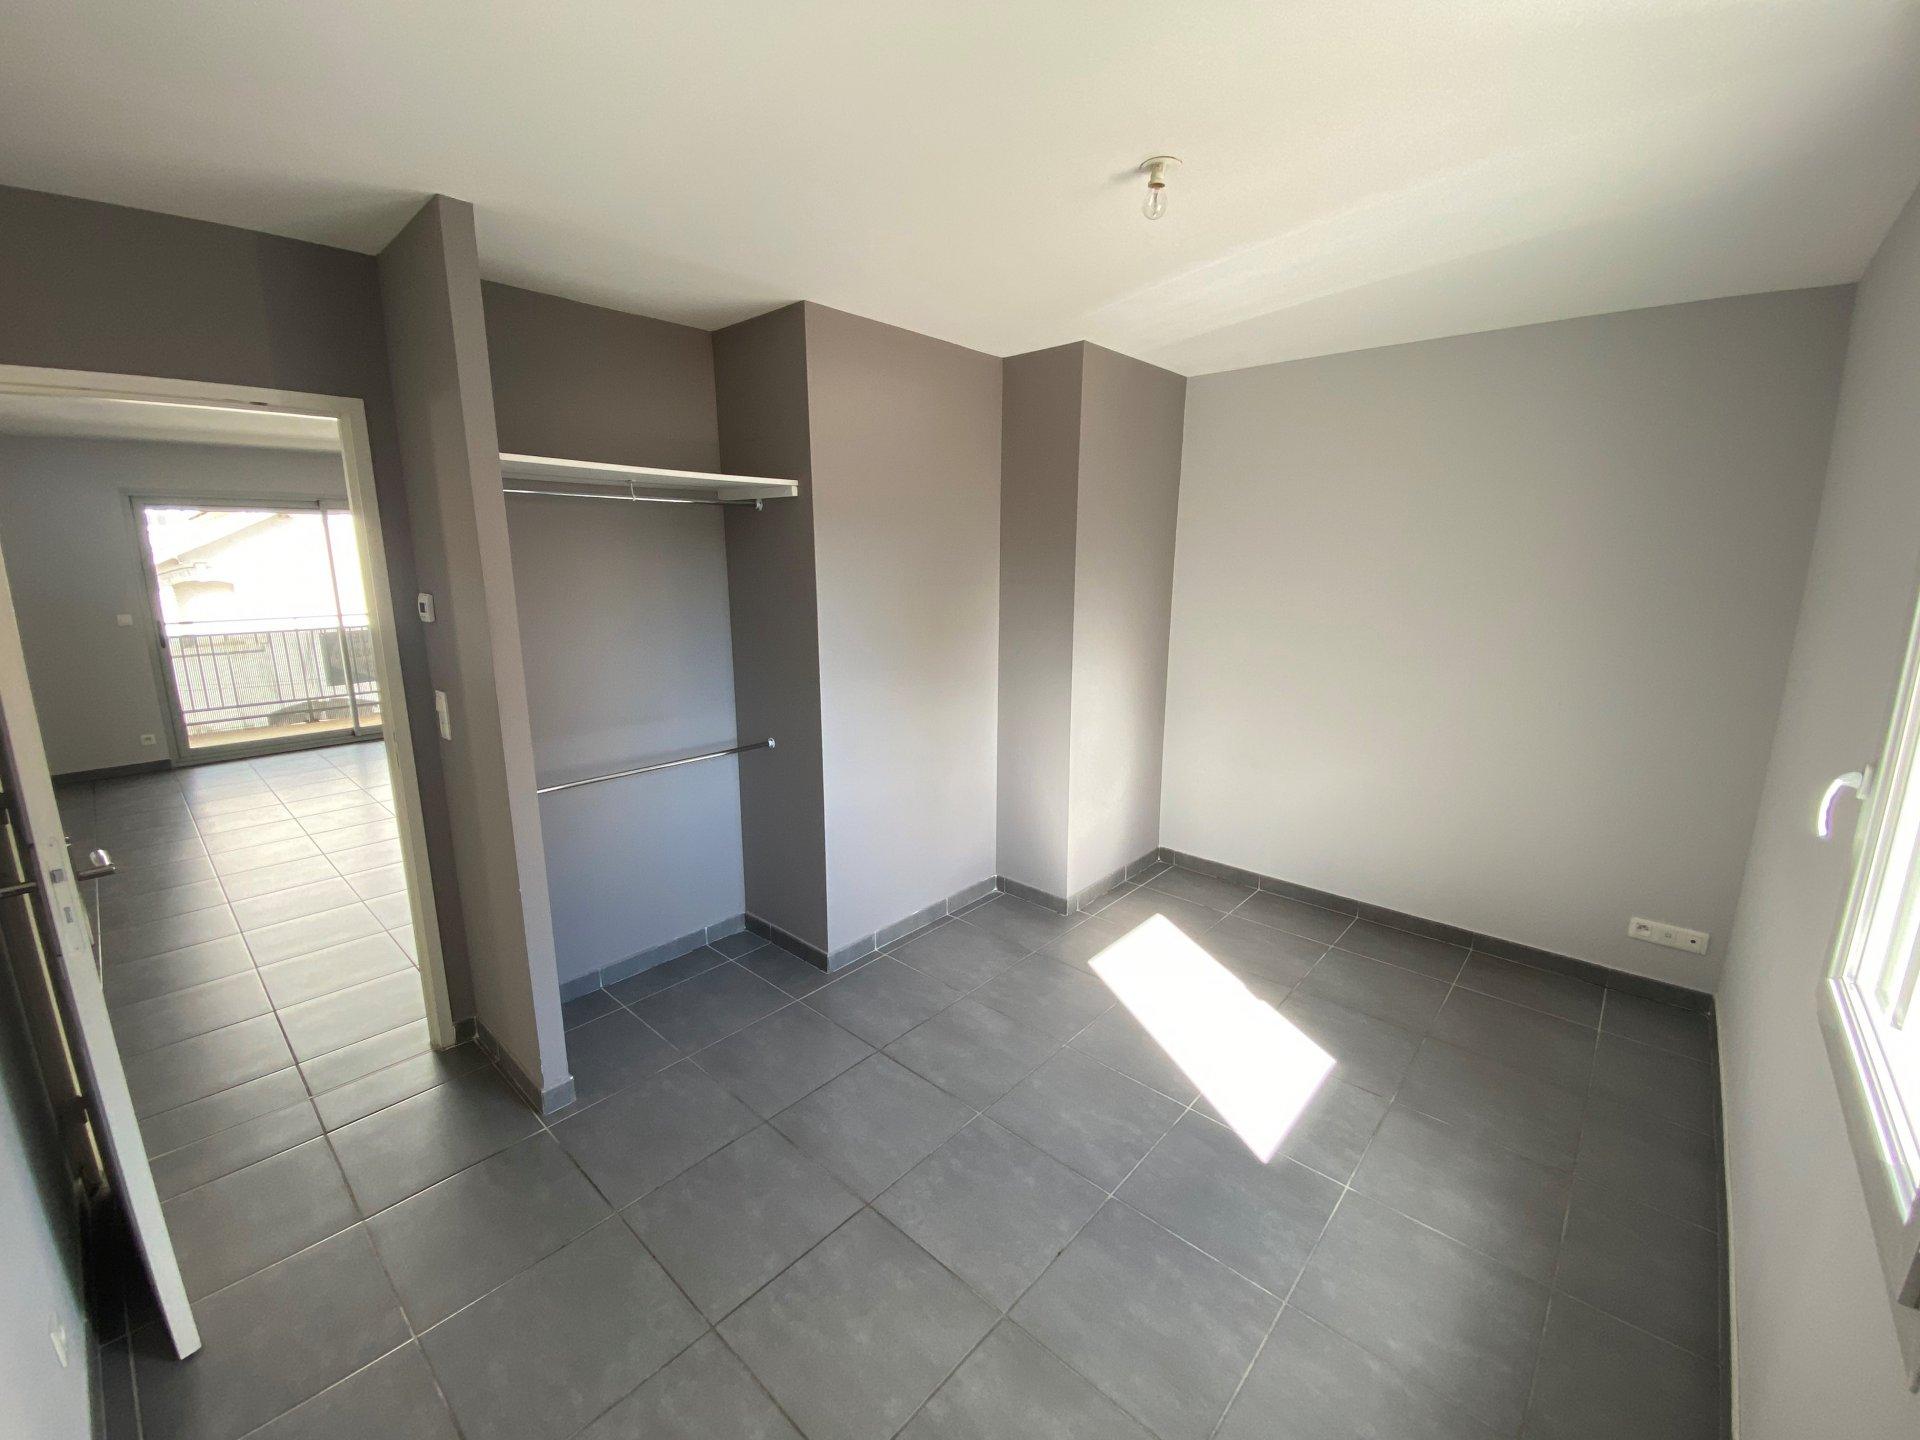 SAINT-ETIENNE - T3 dans une résidence récente avec balcon et place de parking